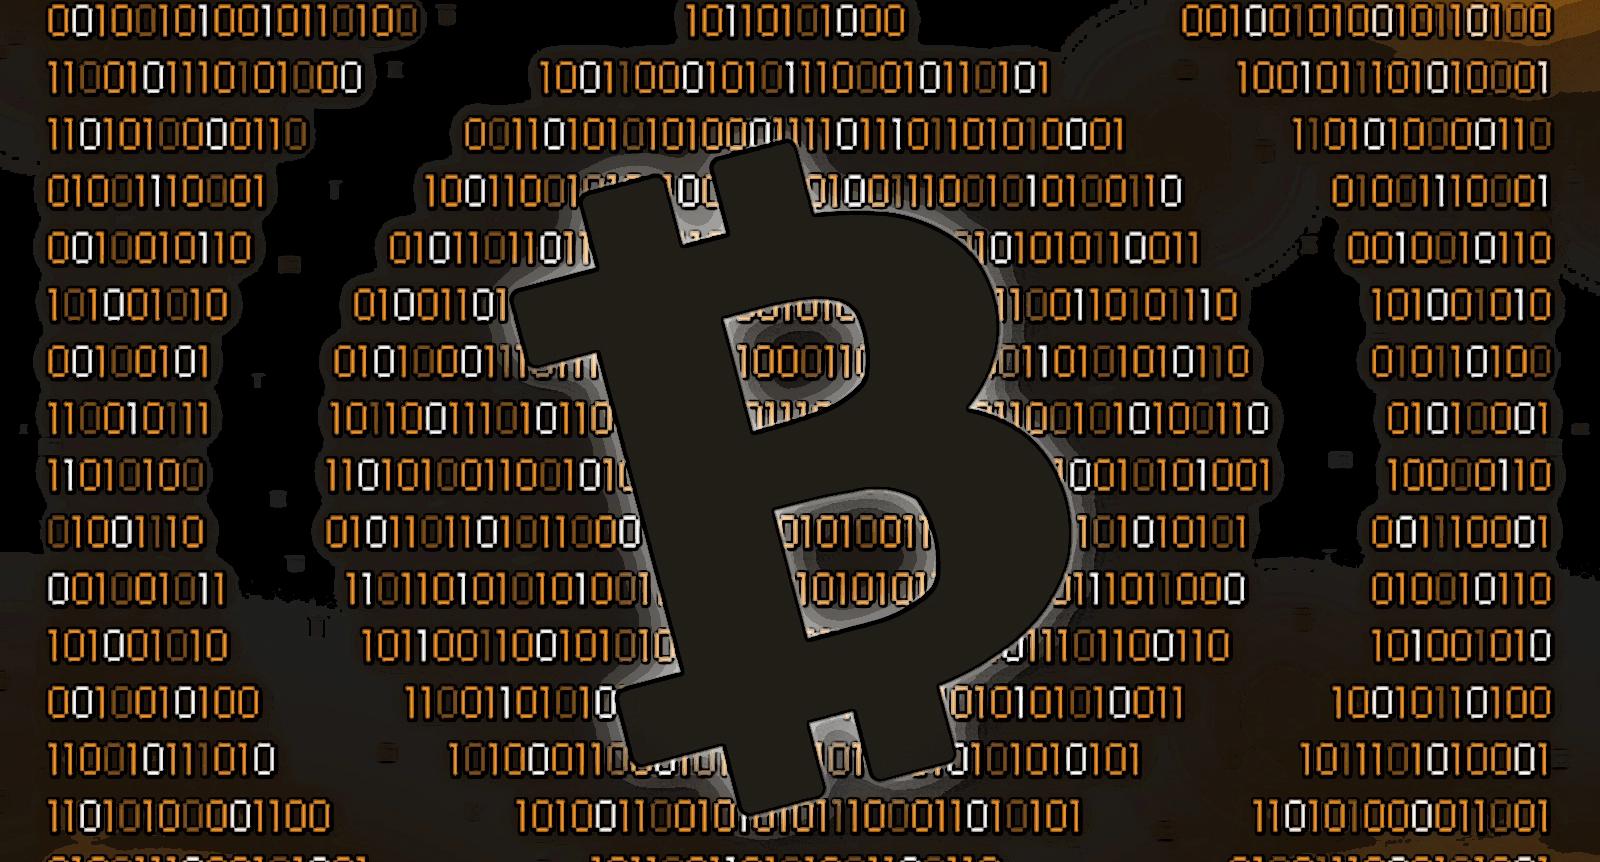 央行狄刚:加密货币属于资产 区块链依然需要中心背书 | 《金色9:30》第277期-元界独家赞助